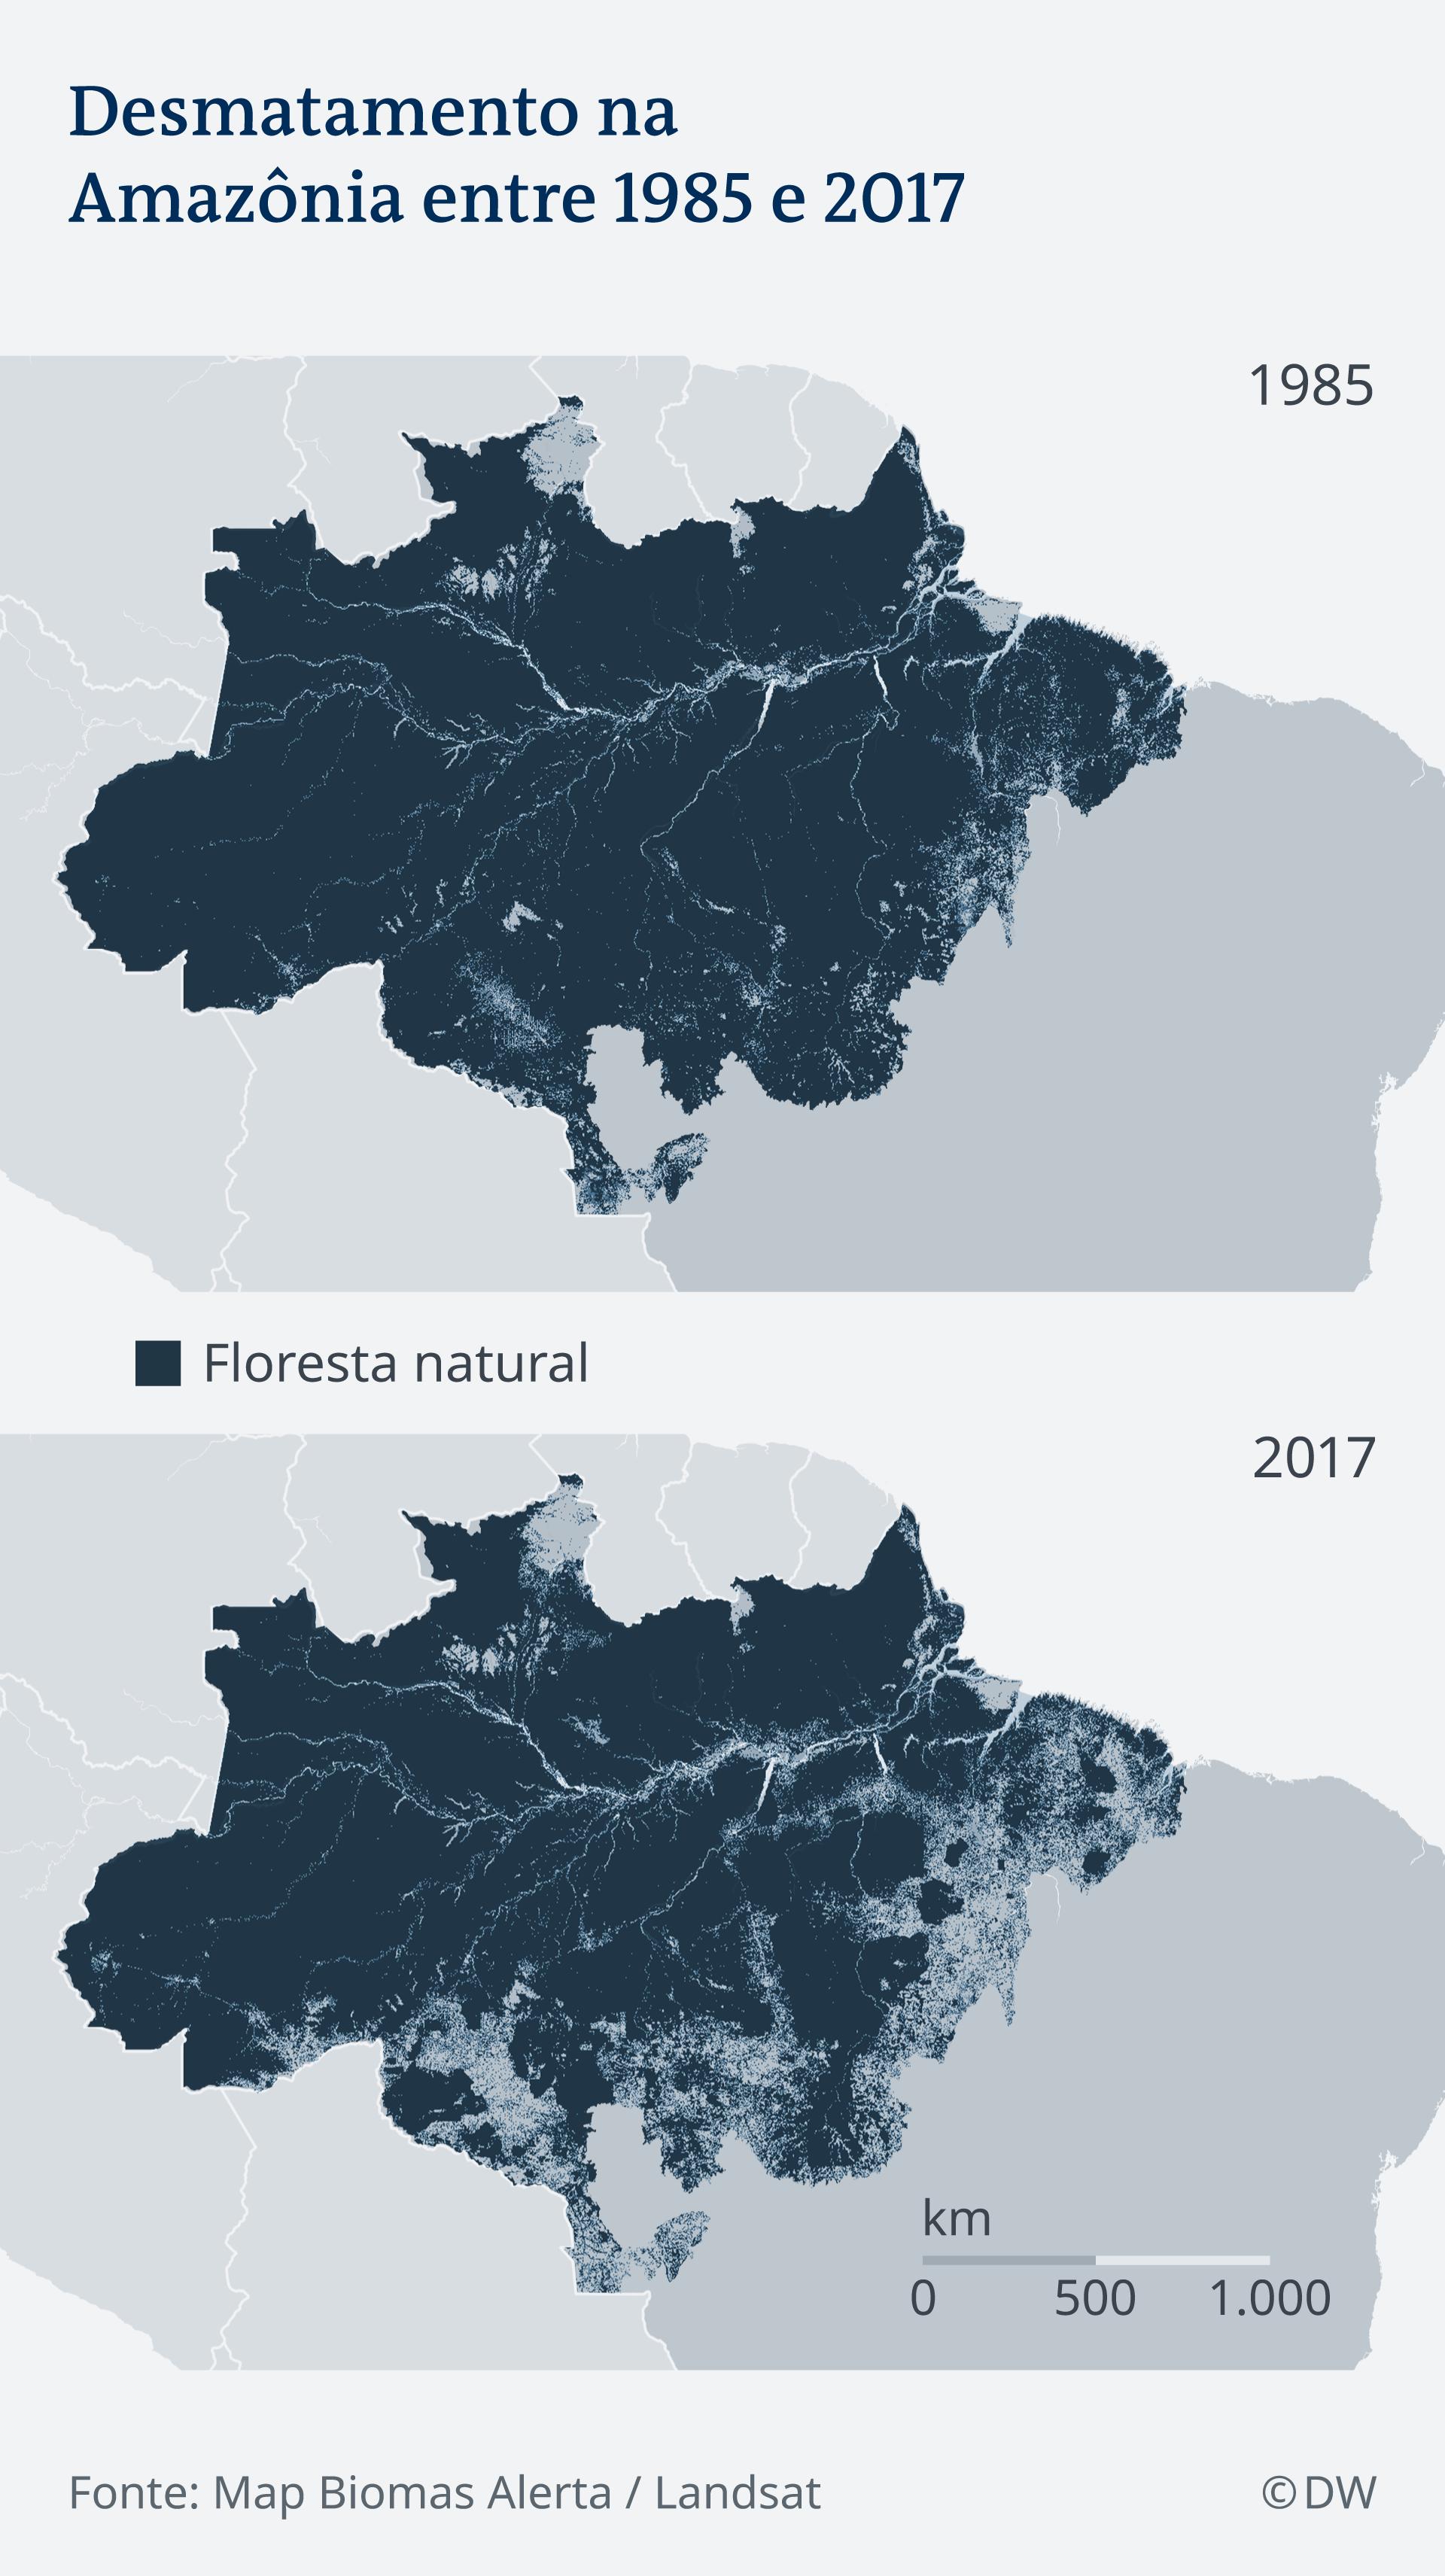 Gráficos comparam cobertura florestal na Amazônia entre 1985 e 2017